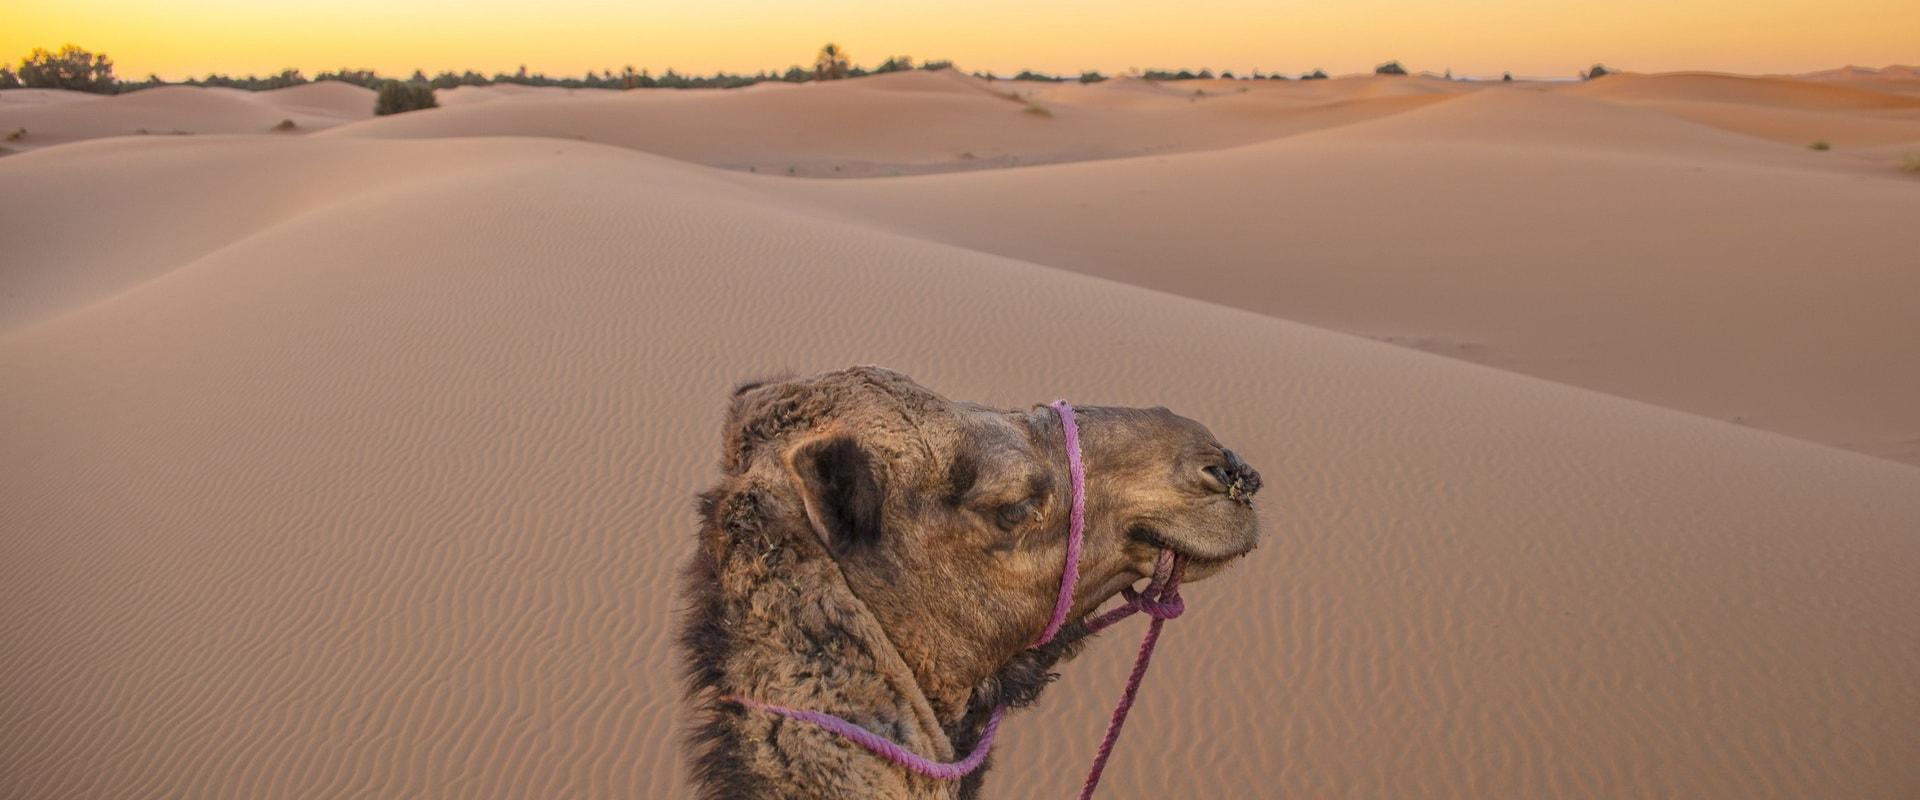 Voyages Expeditions Maroc - randonnee dans le desert